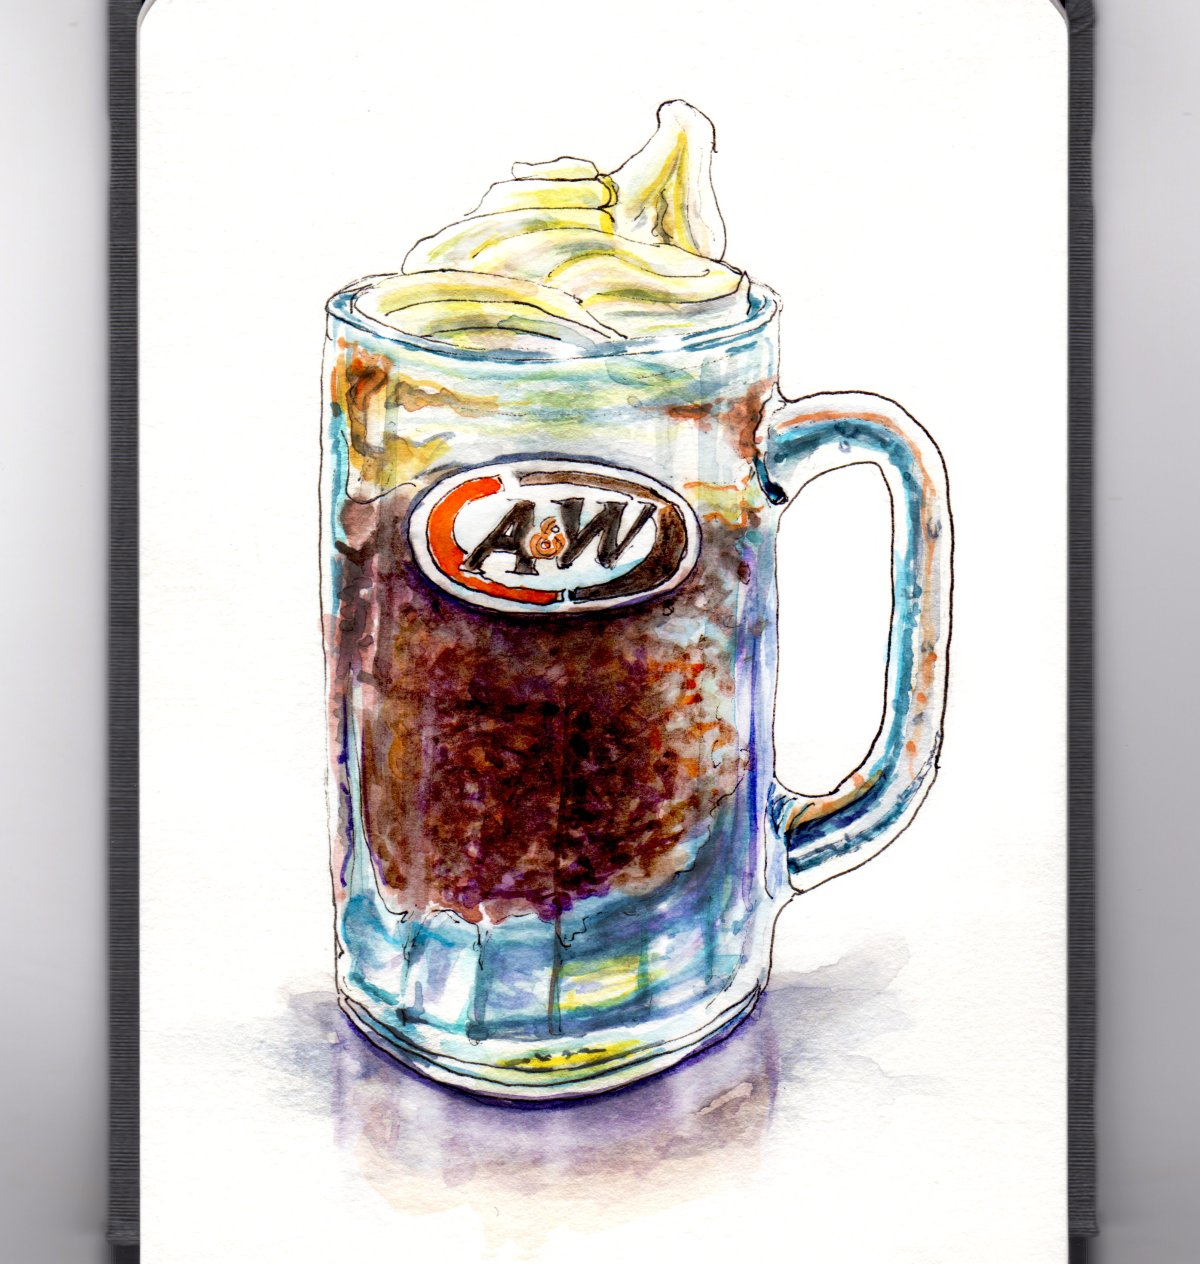 Day 21 - #WorldWatercolorGroup A&W Root Beer Mug Root Beer Float in Mug Watercolor - #doodlewash